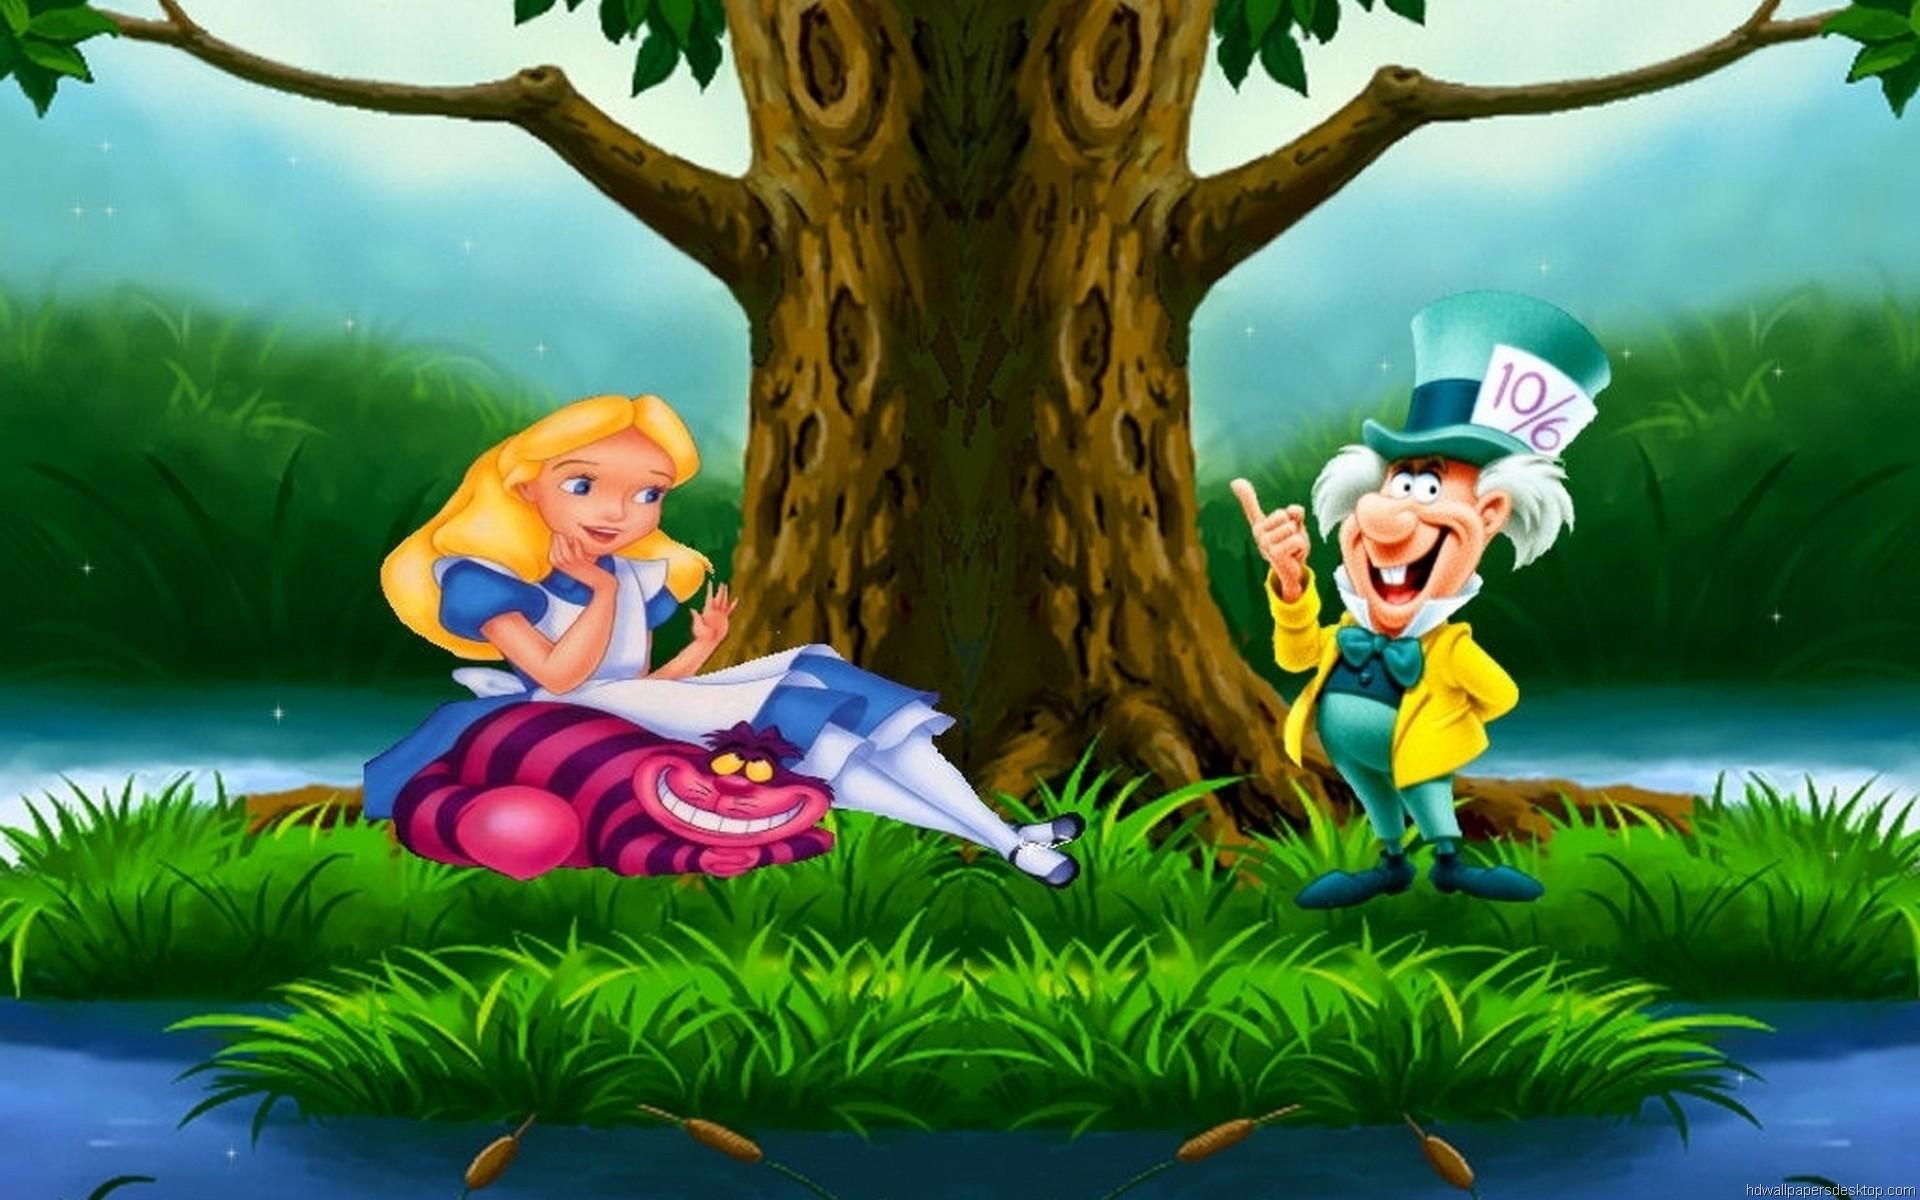 Cartoon Wallpapers, Cartoon Characters Pictures, Desktop Wallpapers .